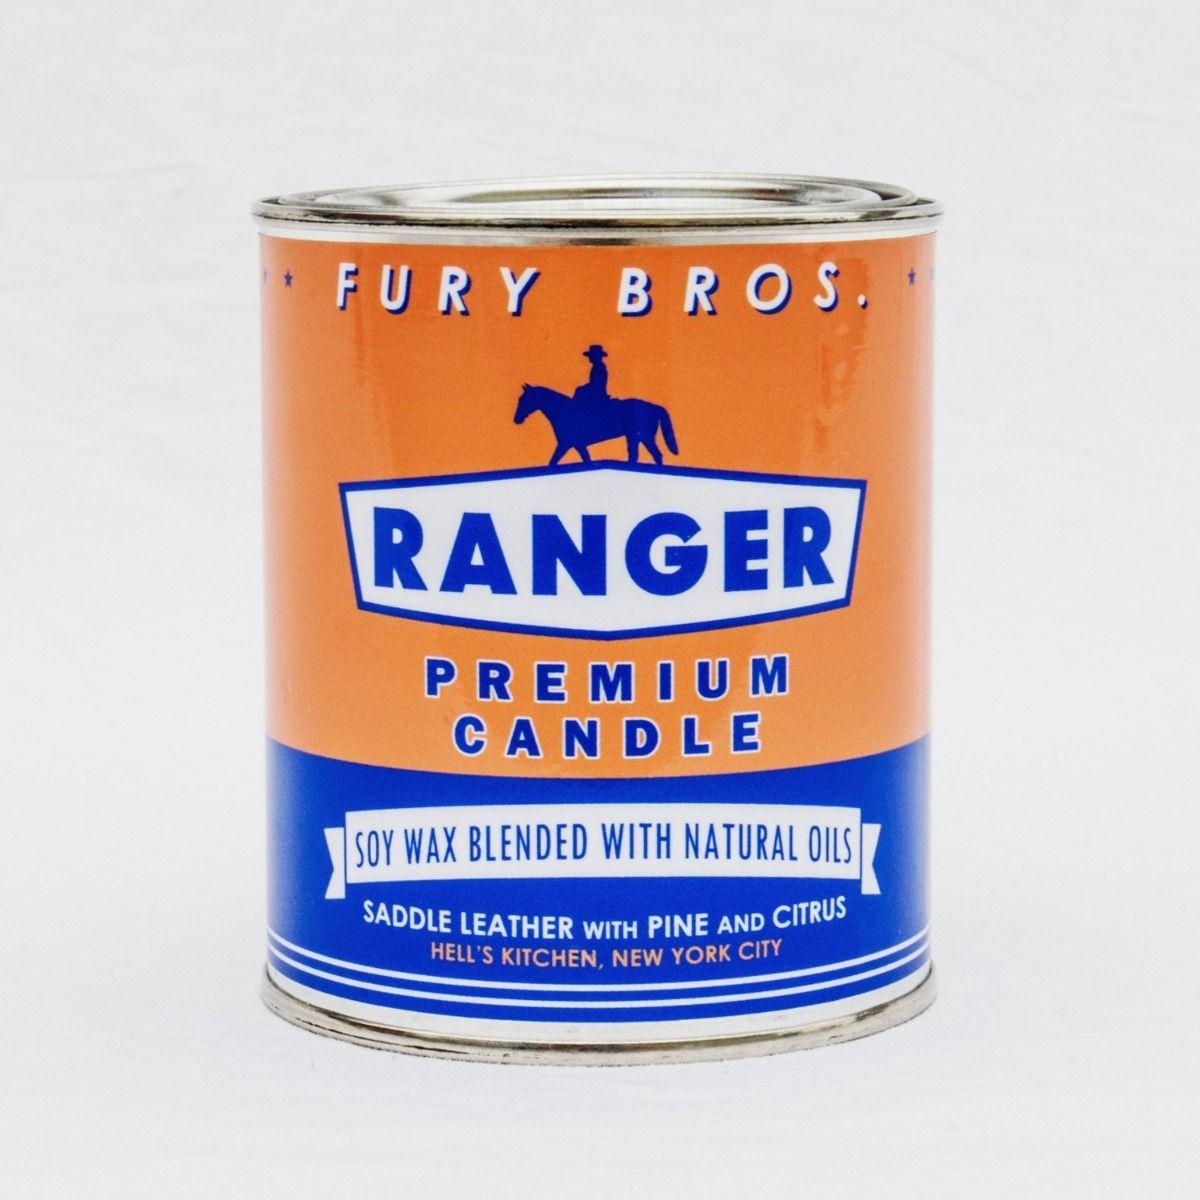 FuryBros Ranger Candle 12.5oz